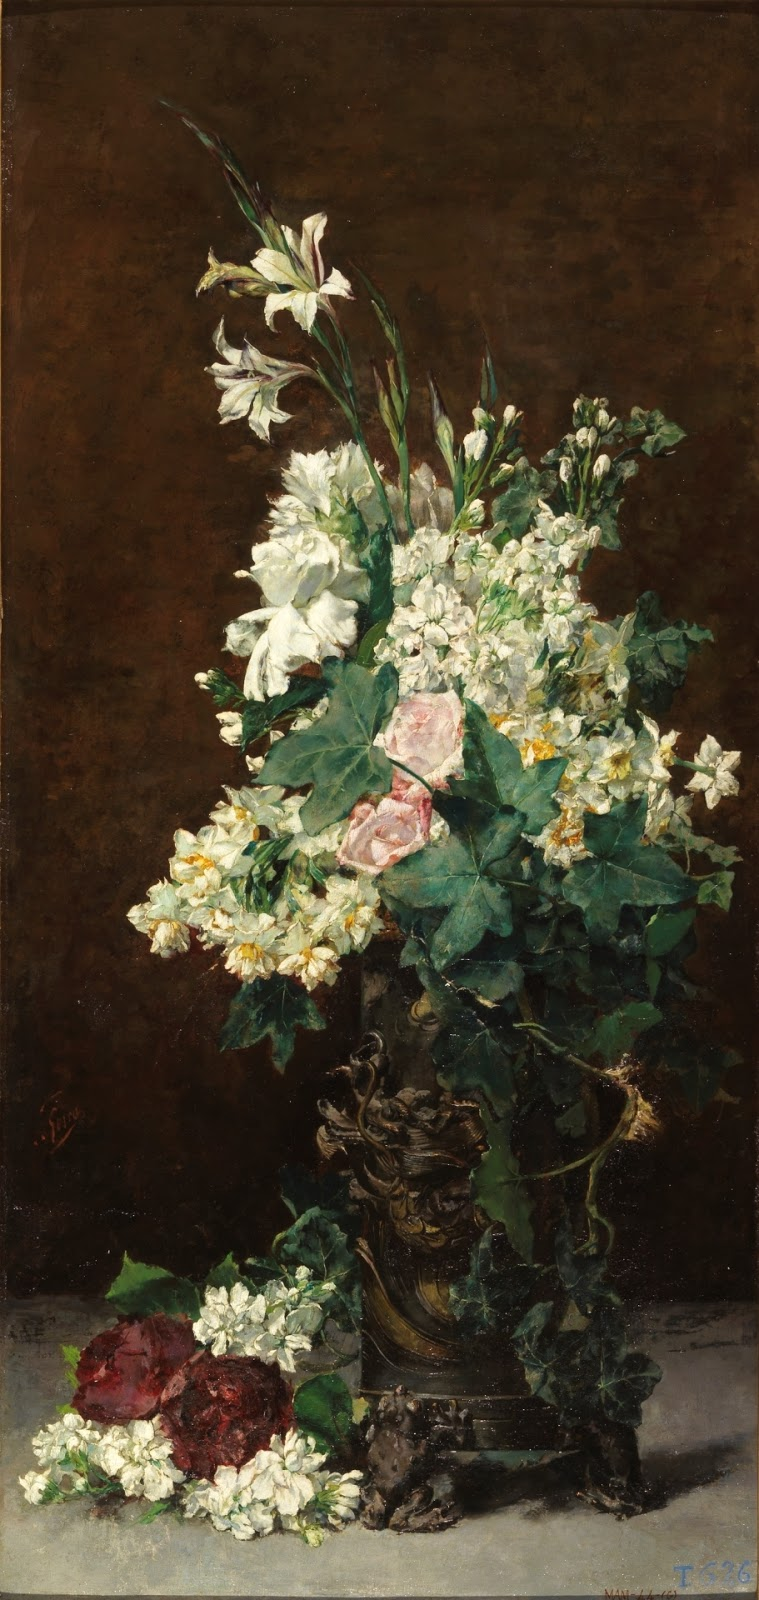 Composición floral con rosas (Rosa), claveles (Dianthus caryophyllus), narcisos (Narcissus spp.), alhelí de invierno (Matthiola incana), hiedra (Hedera spp.) y gladiolos (Gladiolus spp.)